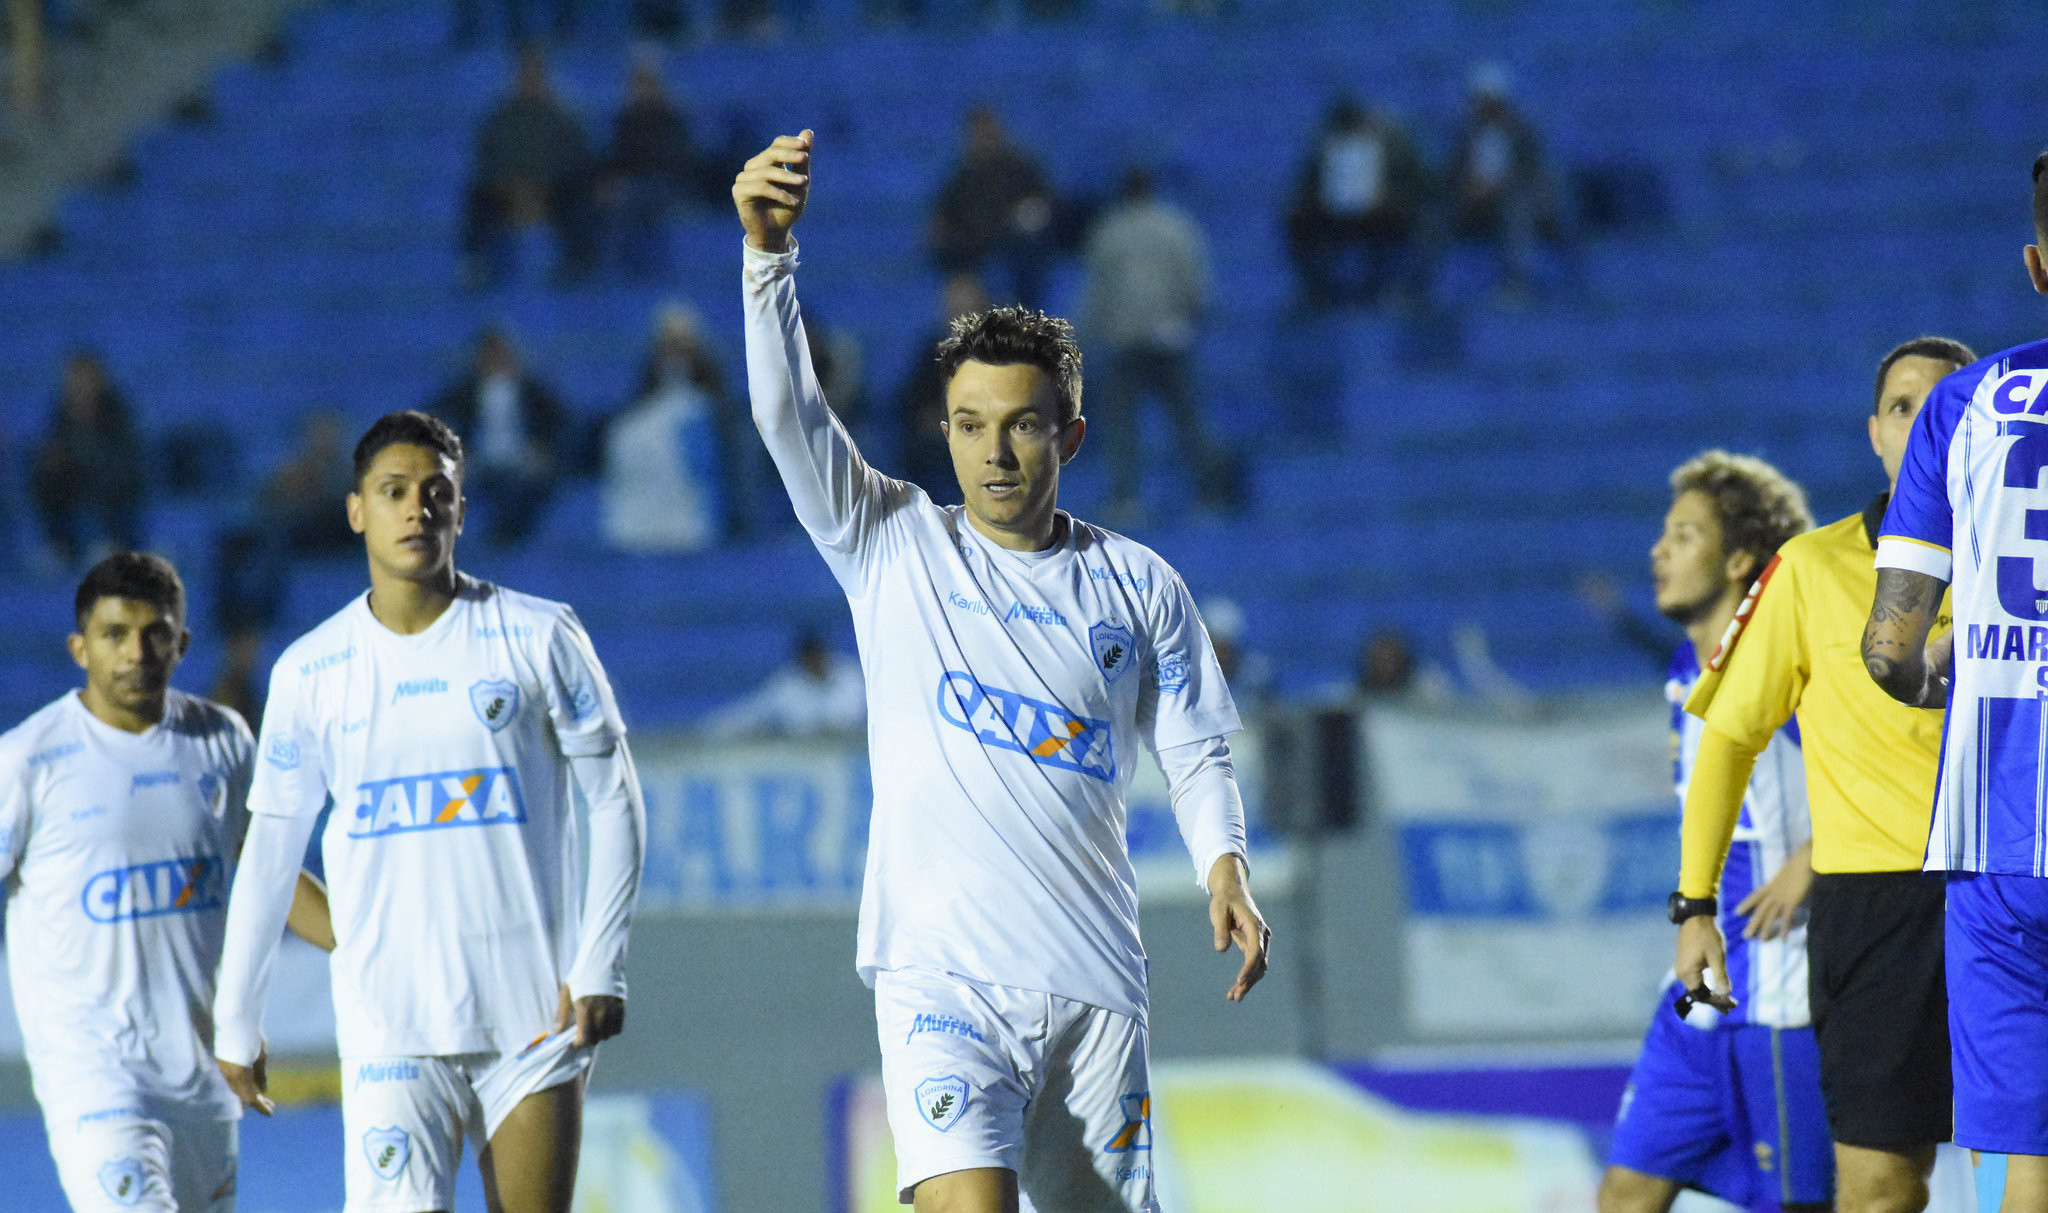 Em seu retorno, Dagoberto acumulou um gol e uma expulsão em pouco mais de 26 minutos de atuação. Foto: Gustavo Oliveira/Londrina Esporte Clube